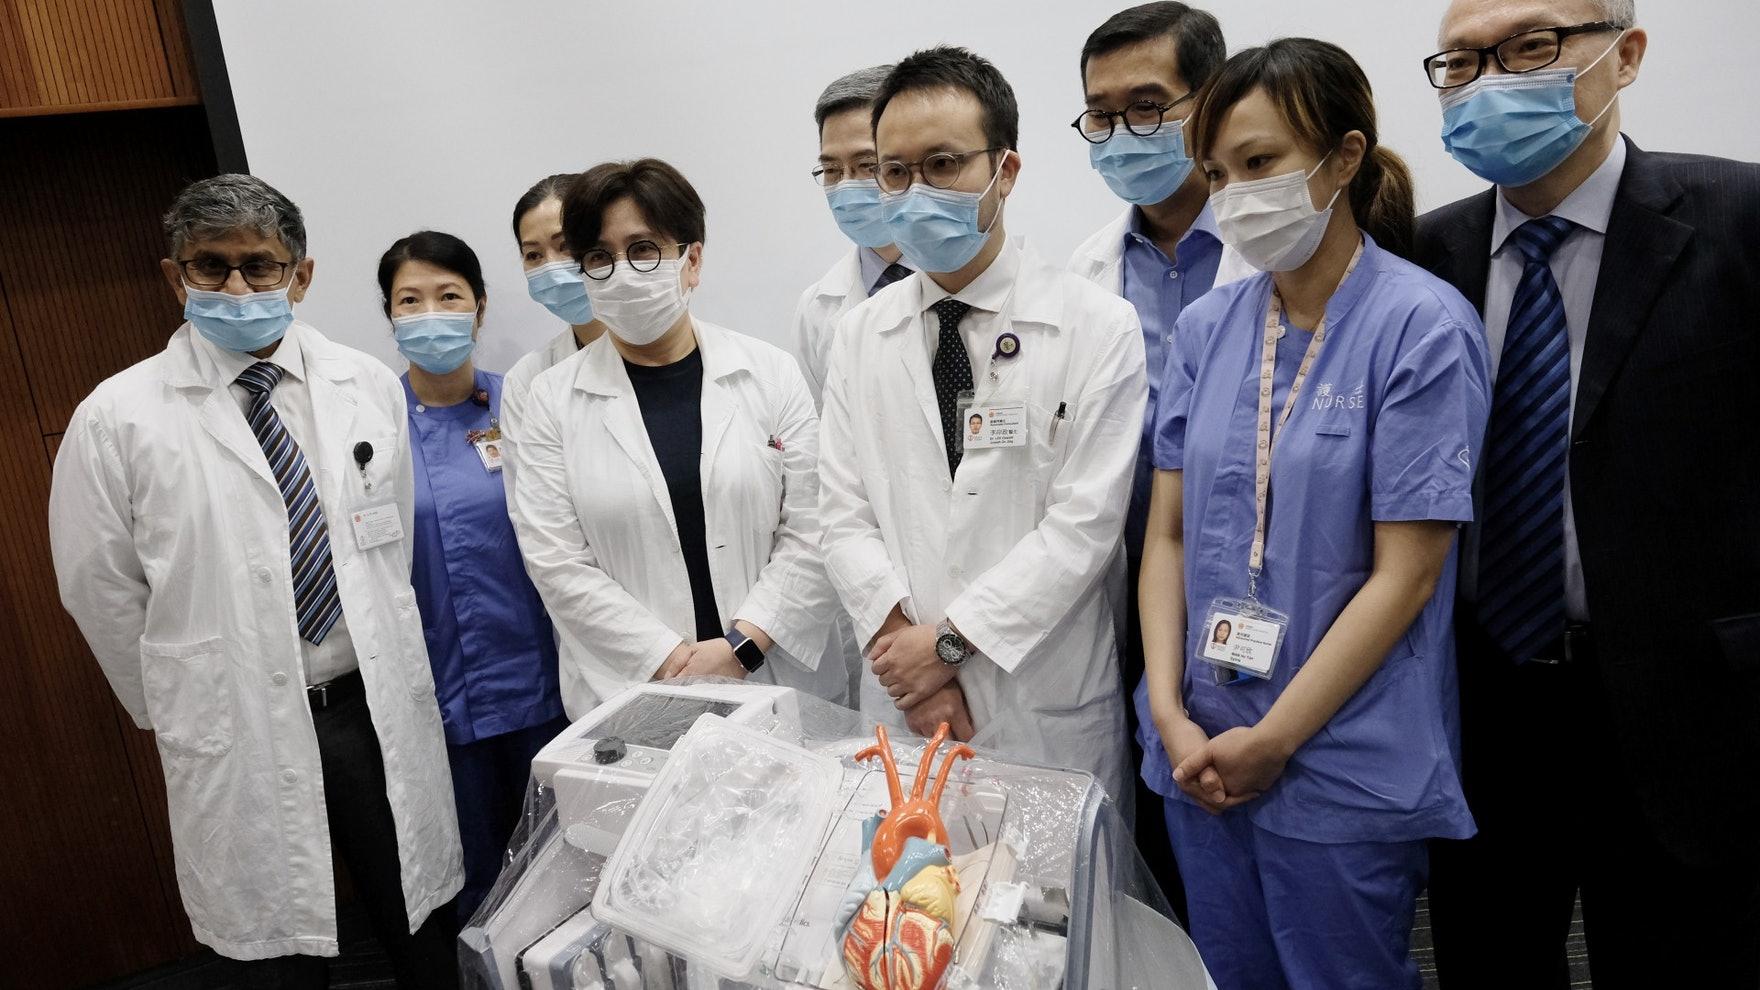 瑪麗醫院引入器官護養系統 移植「邊緣心臟」救人 成亞洲首例